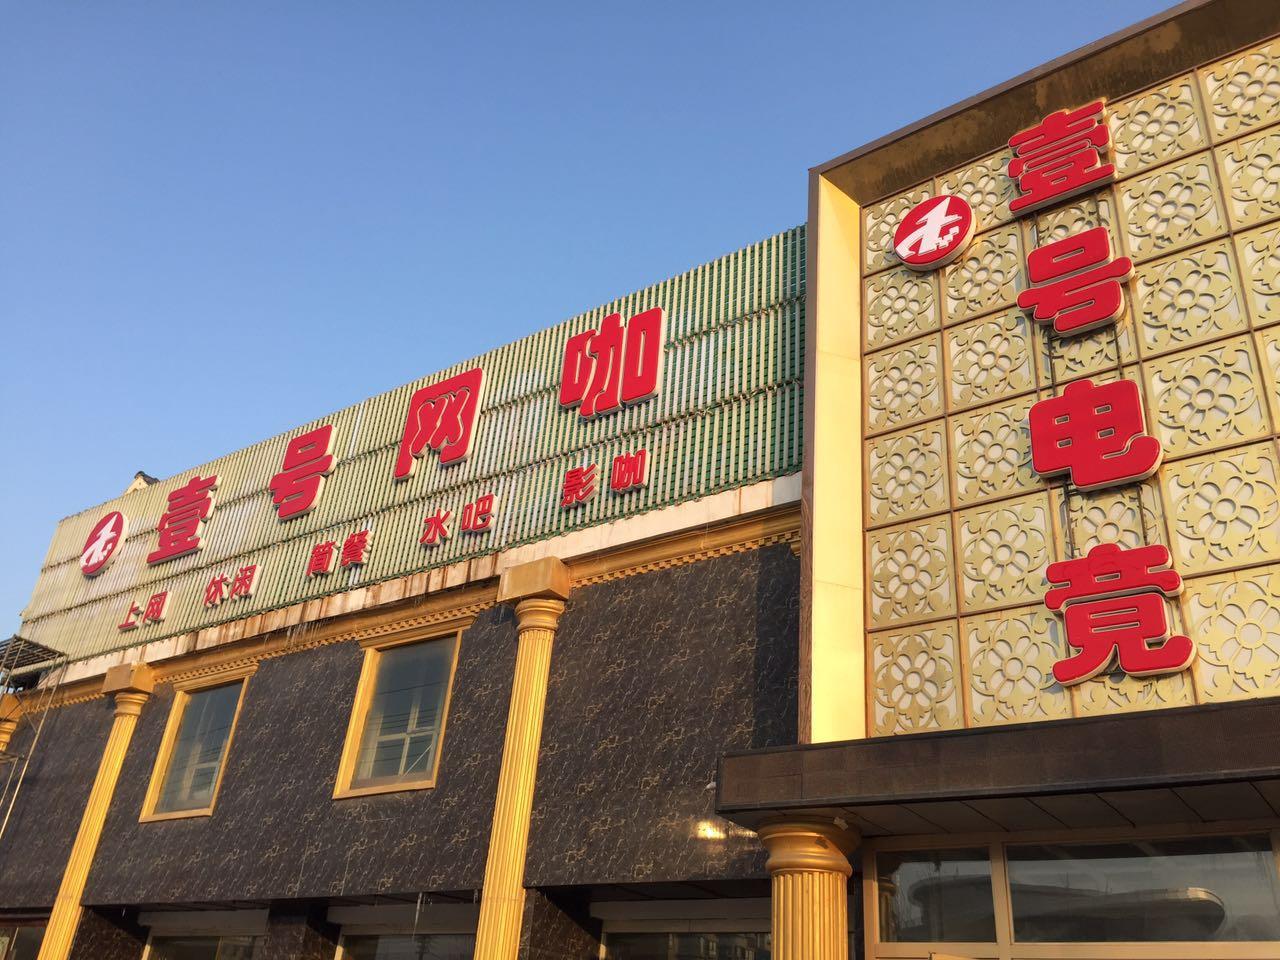 昌吉市 >> 生活服务   标签: 网吧休闲娱乐 壹号电竞网咖共多少人浏览